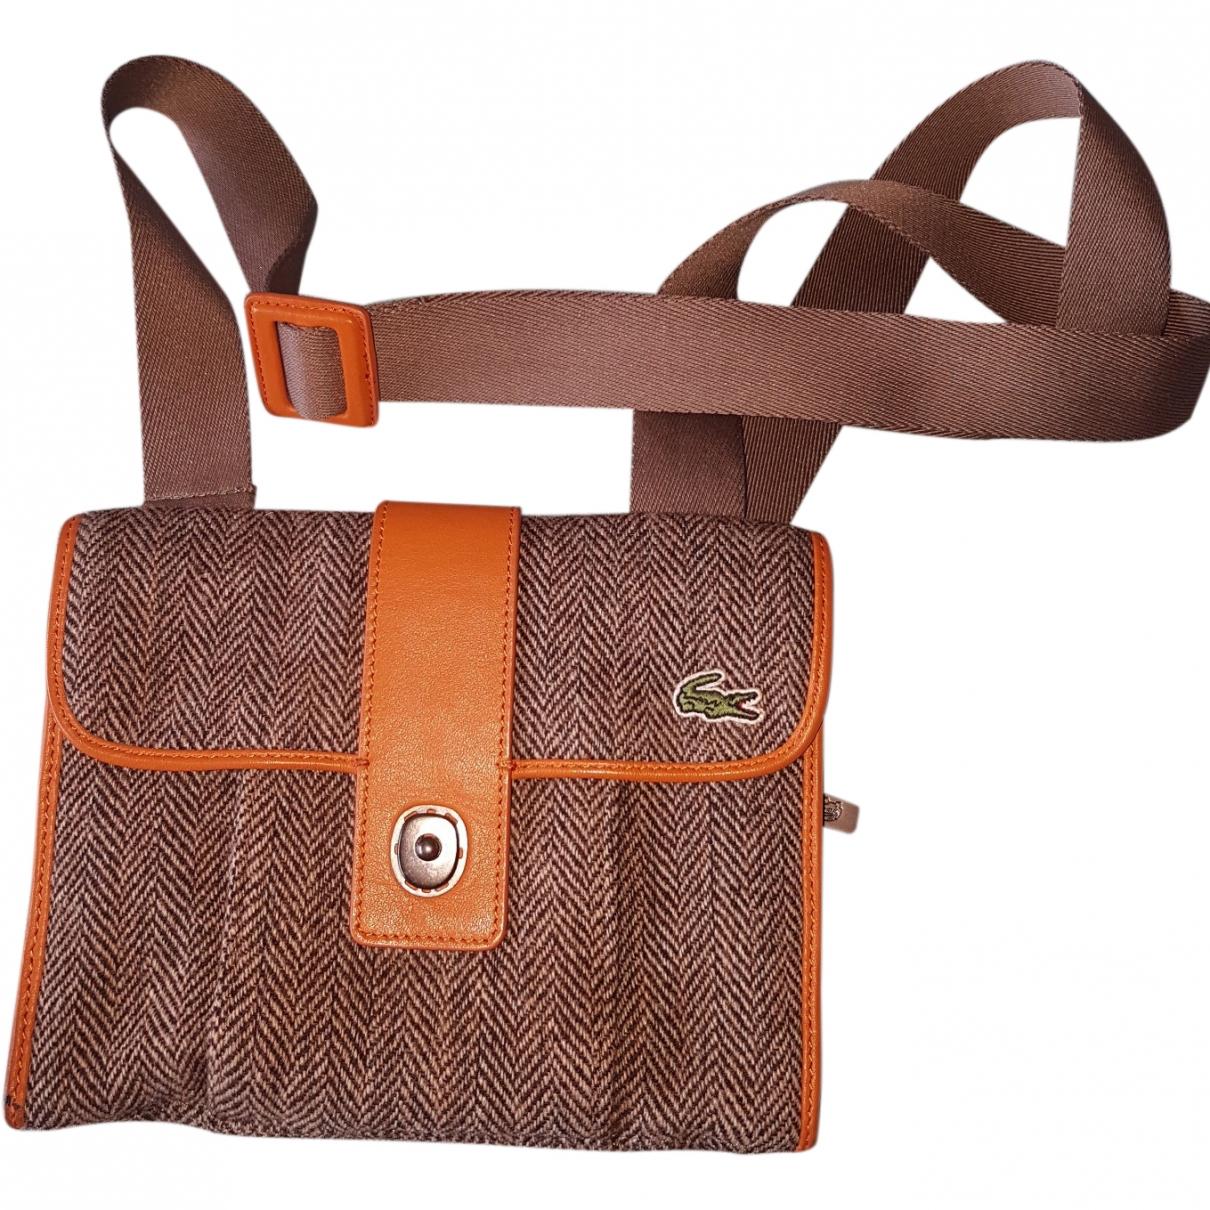 Lacoste \N Handtasche in  Braun Wolle